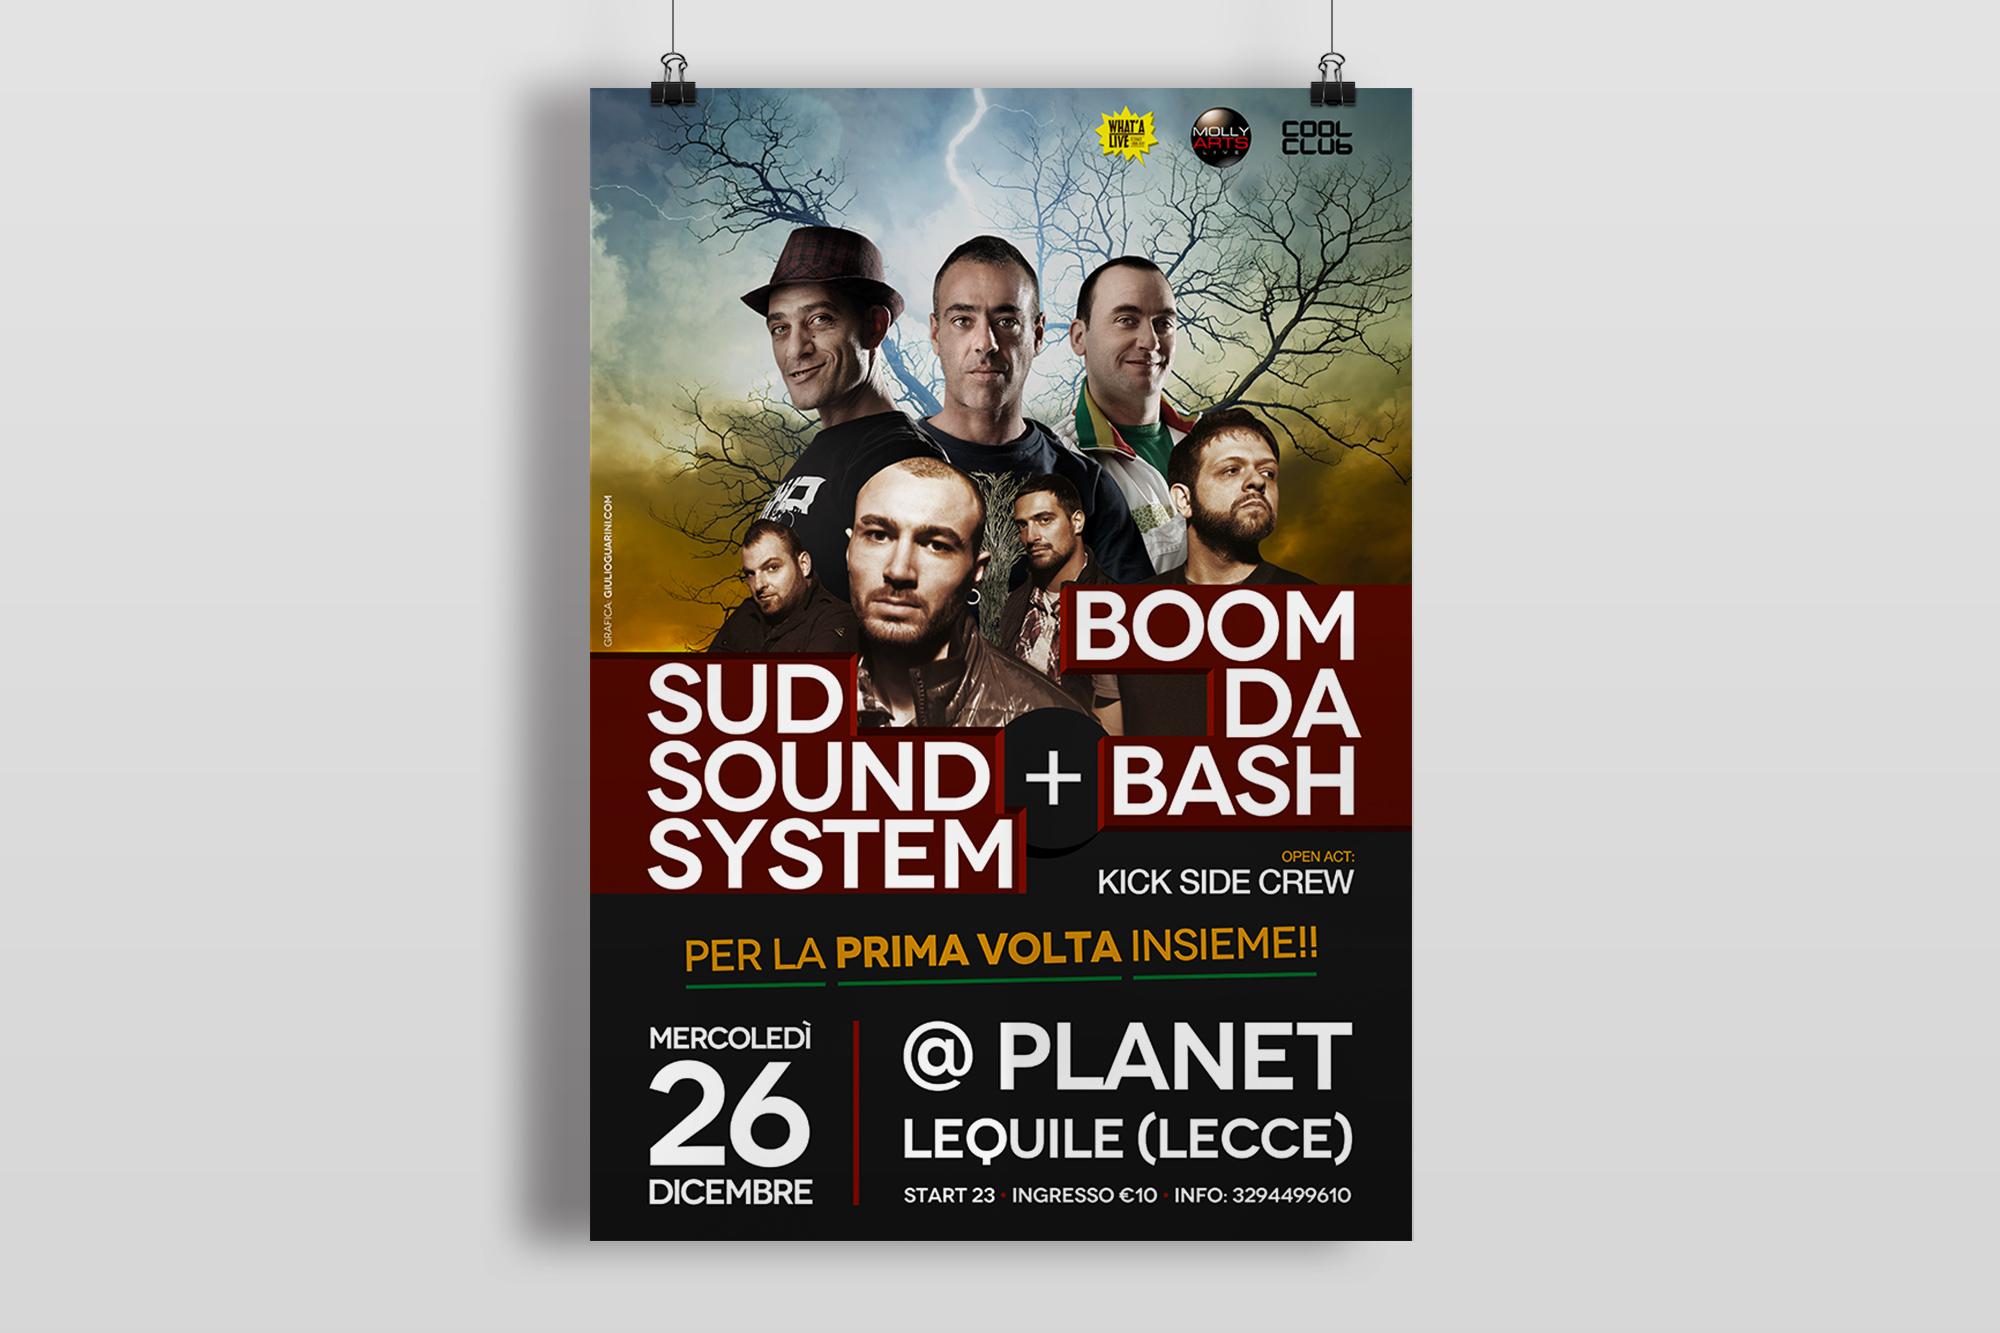 Sud Sound System & BoomDaBash – Manifesto - img 1